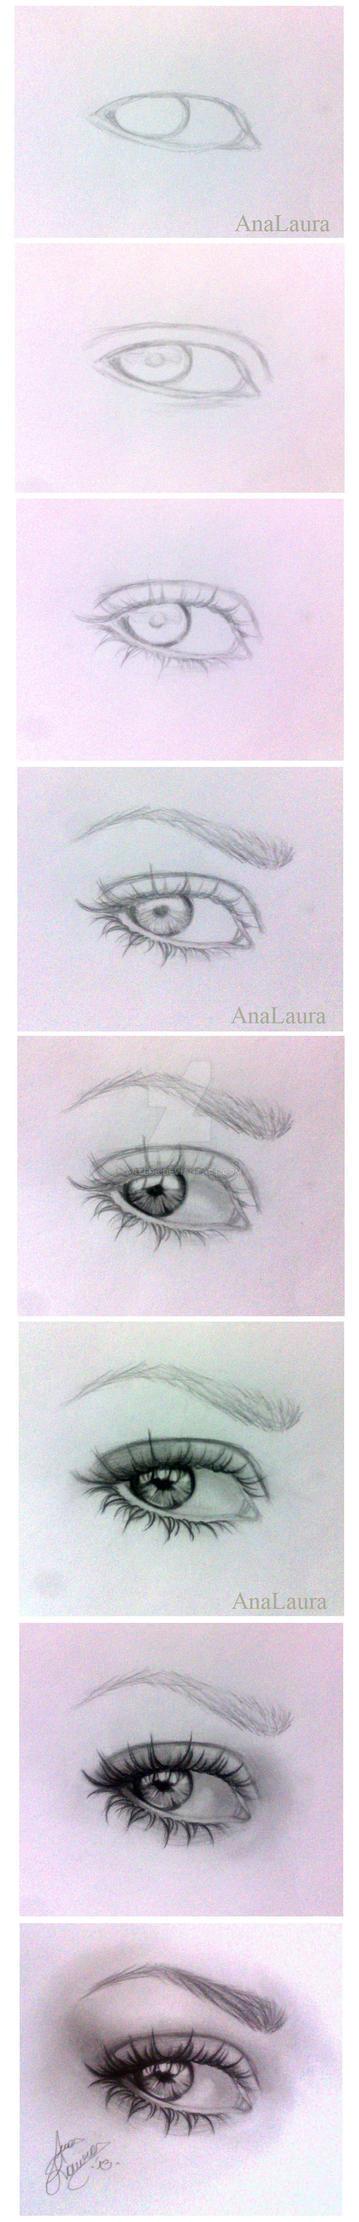 .:How I Draw Eyes. by ArteDB